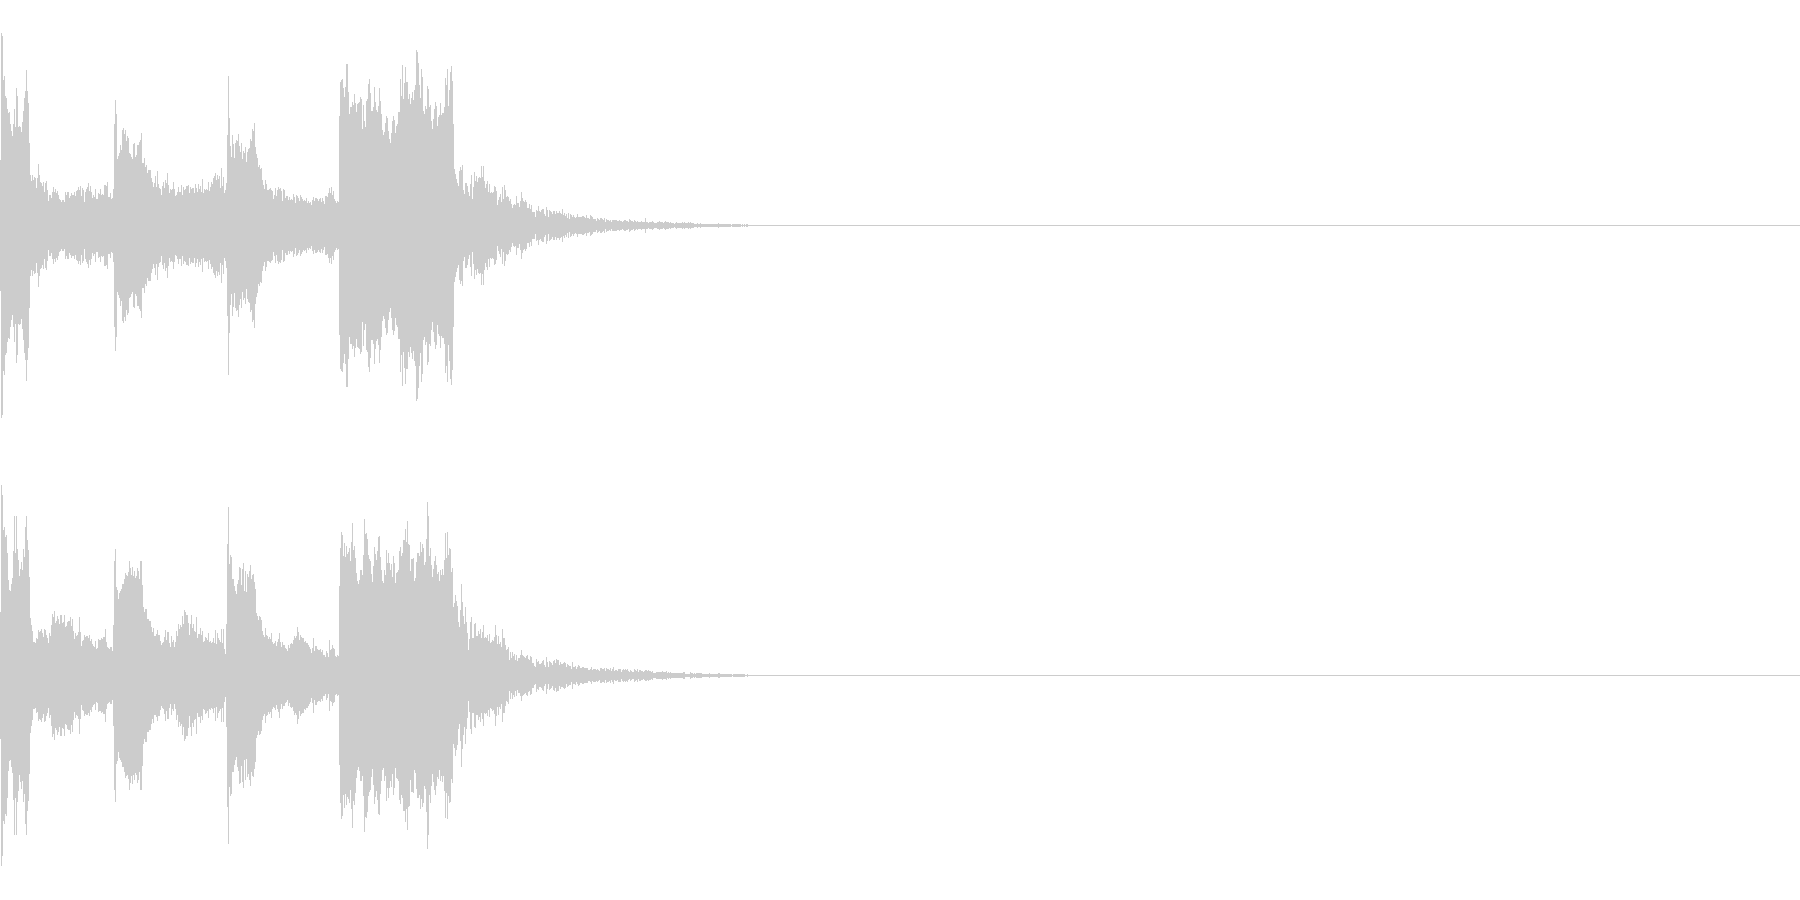 カウントダウン&スタート!(サイバー風)の未再生の波形